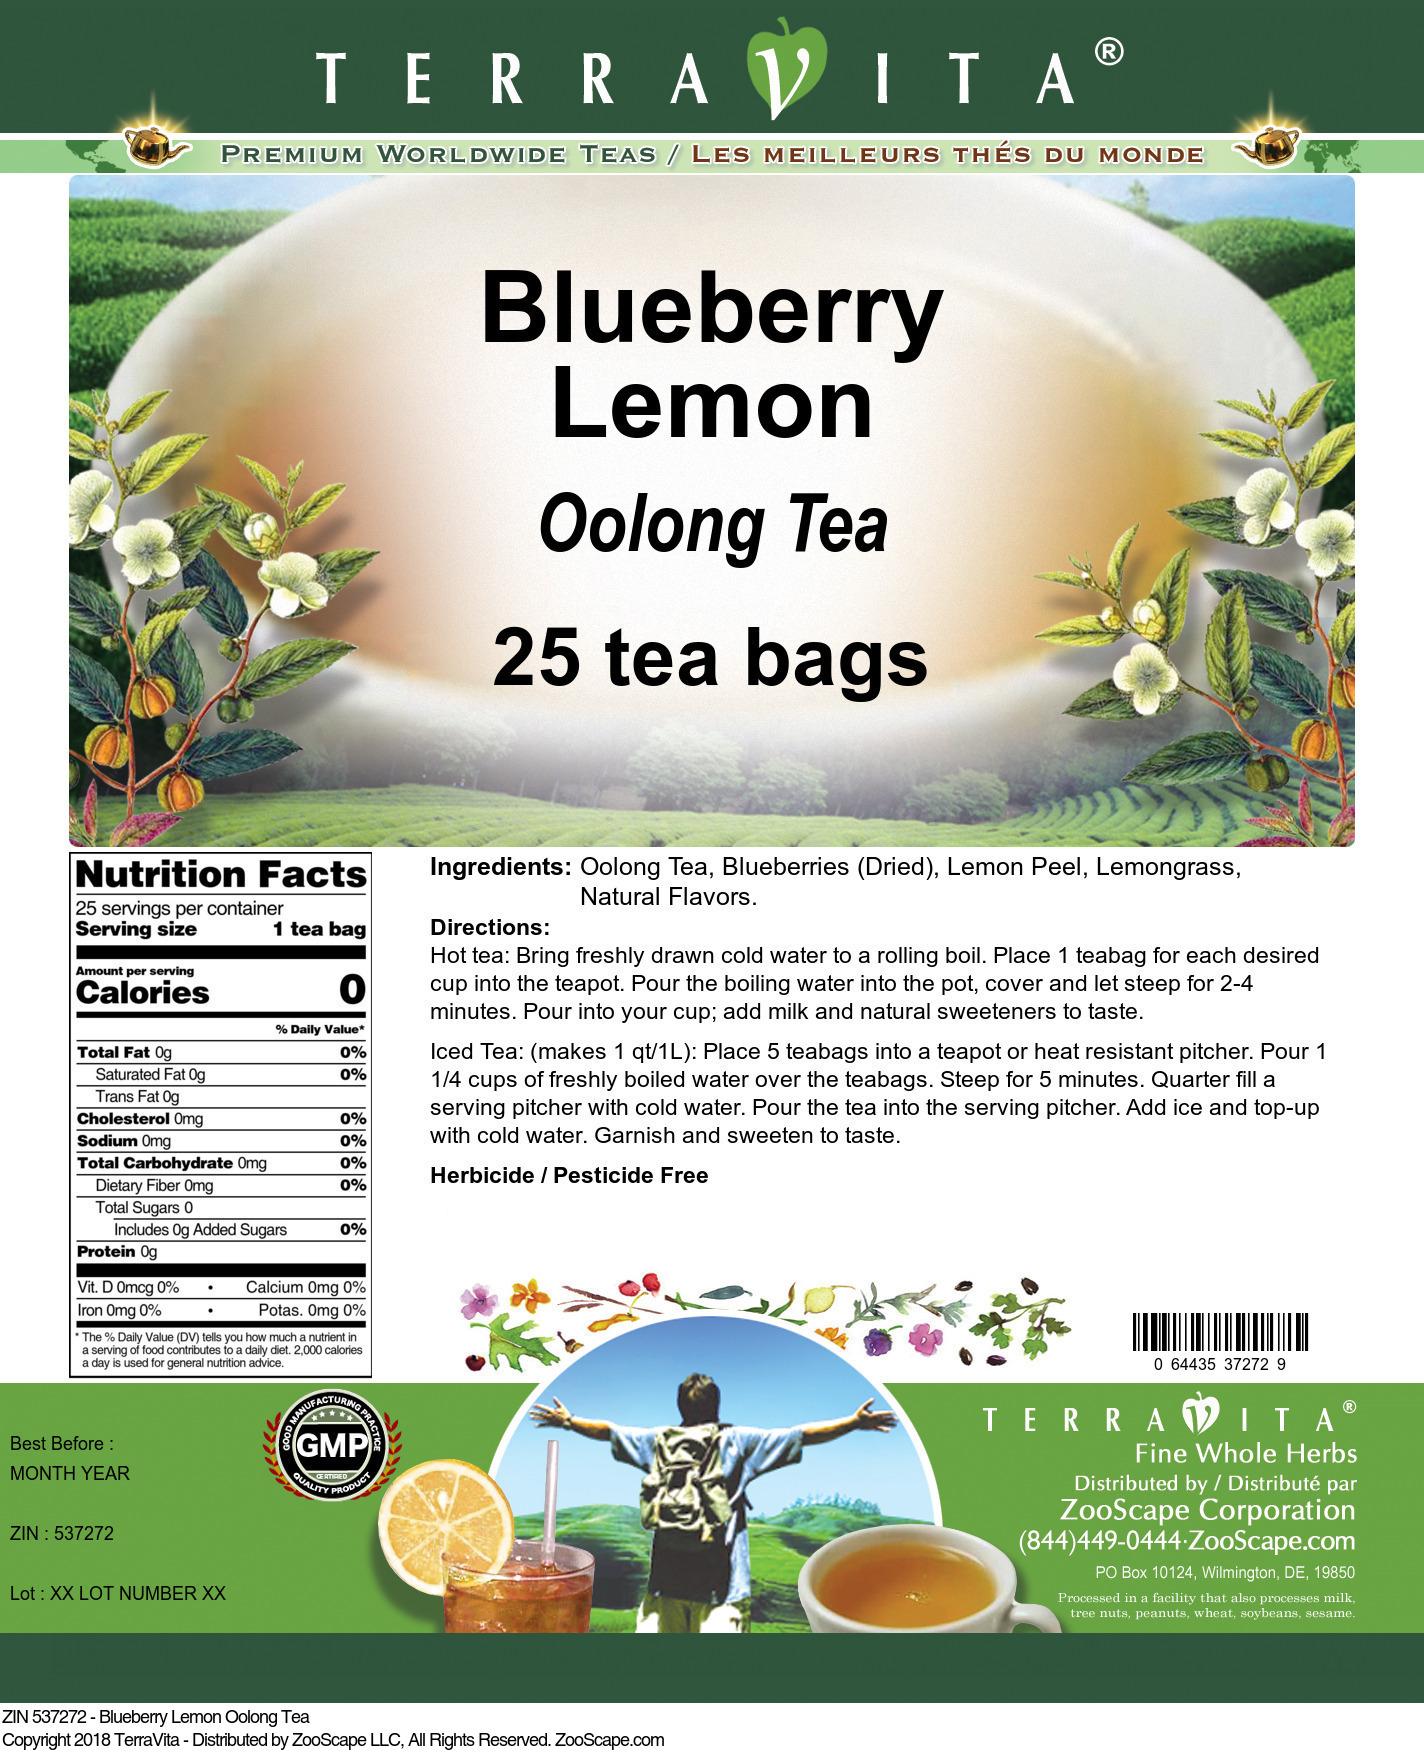 Blueberry Lemon Oolong Tea